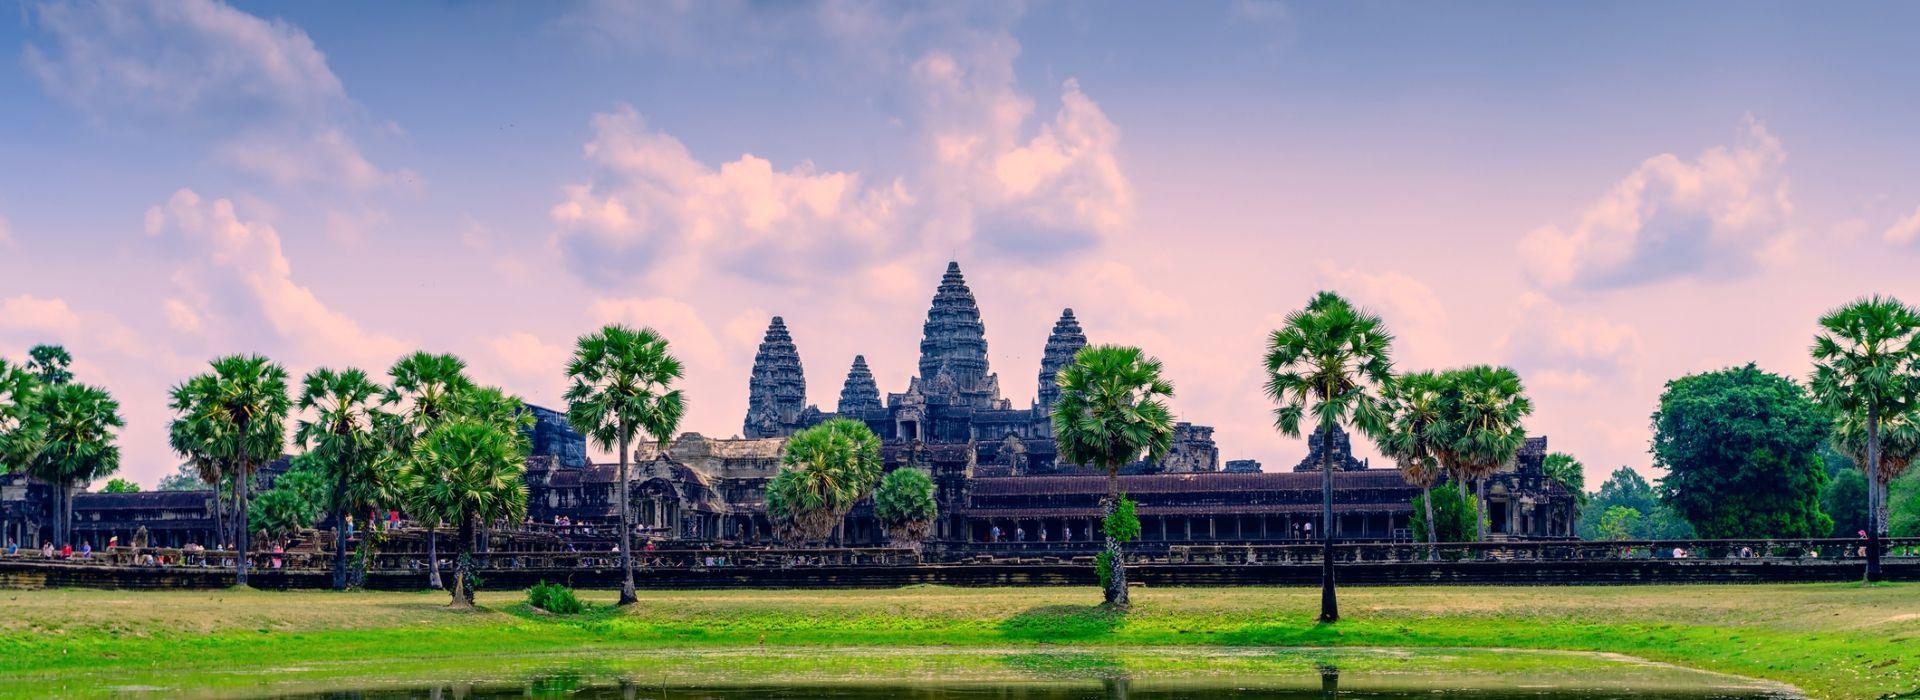 Sightseeing Tours in Angkor Wat